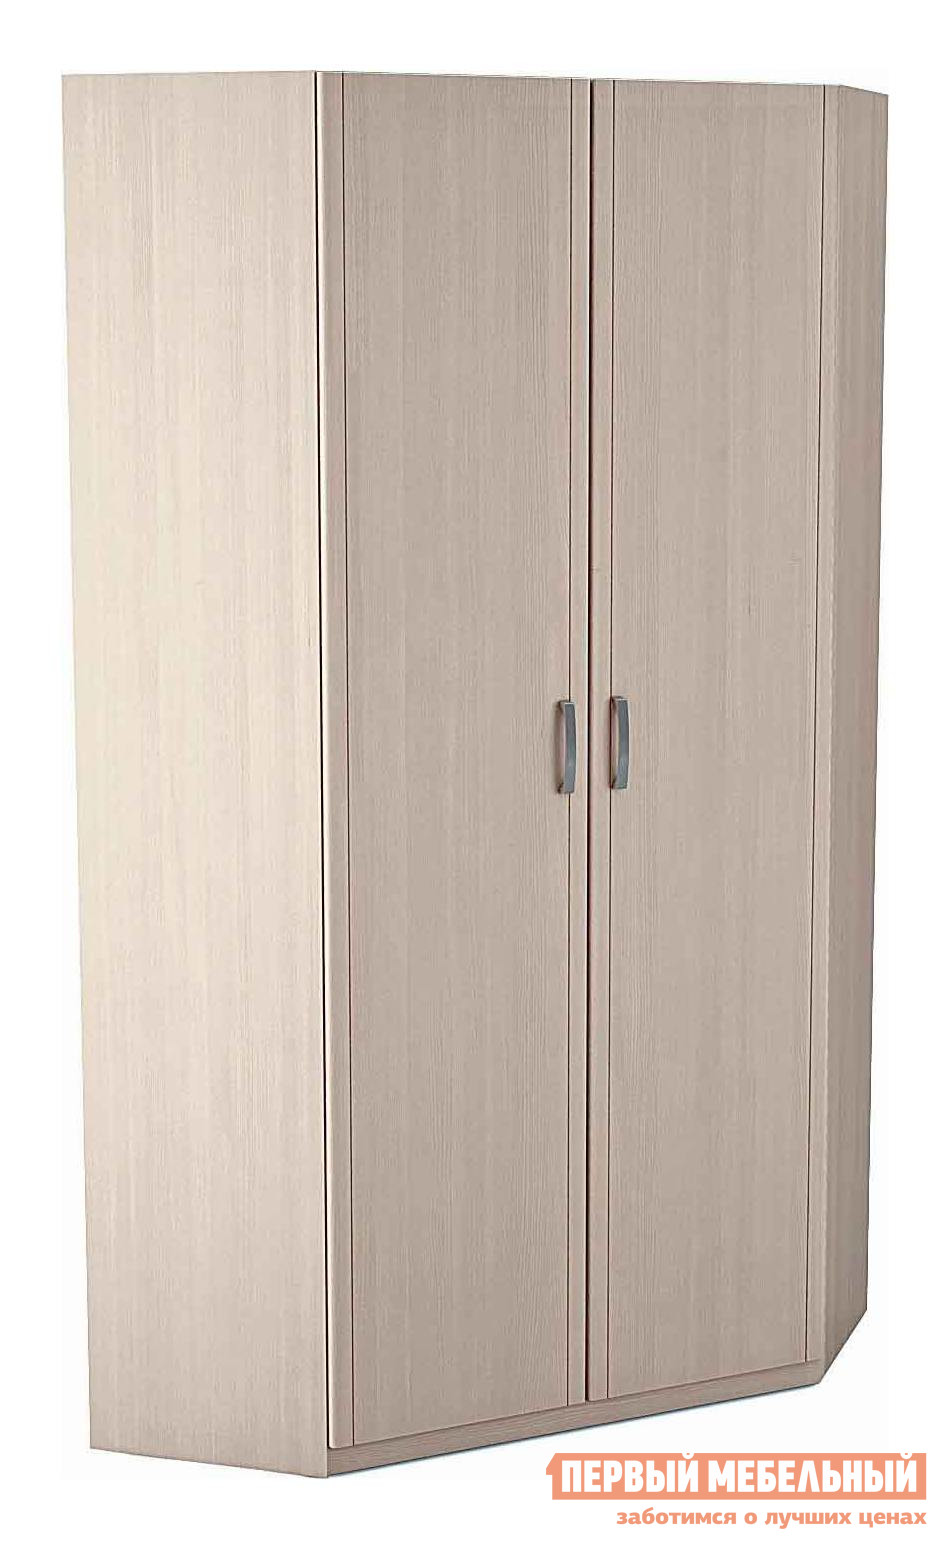 Шкаф детский Боровичи 5.09 Шкаф для одежды угловой 2-х дверный